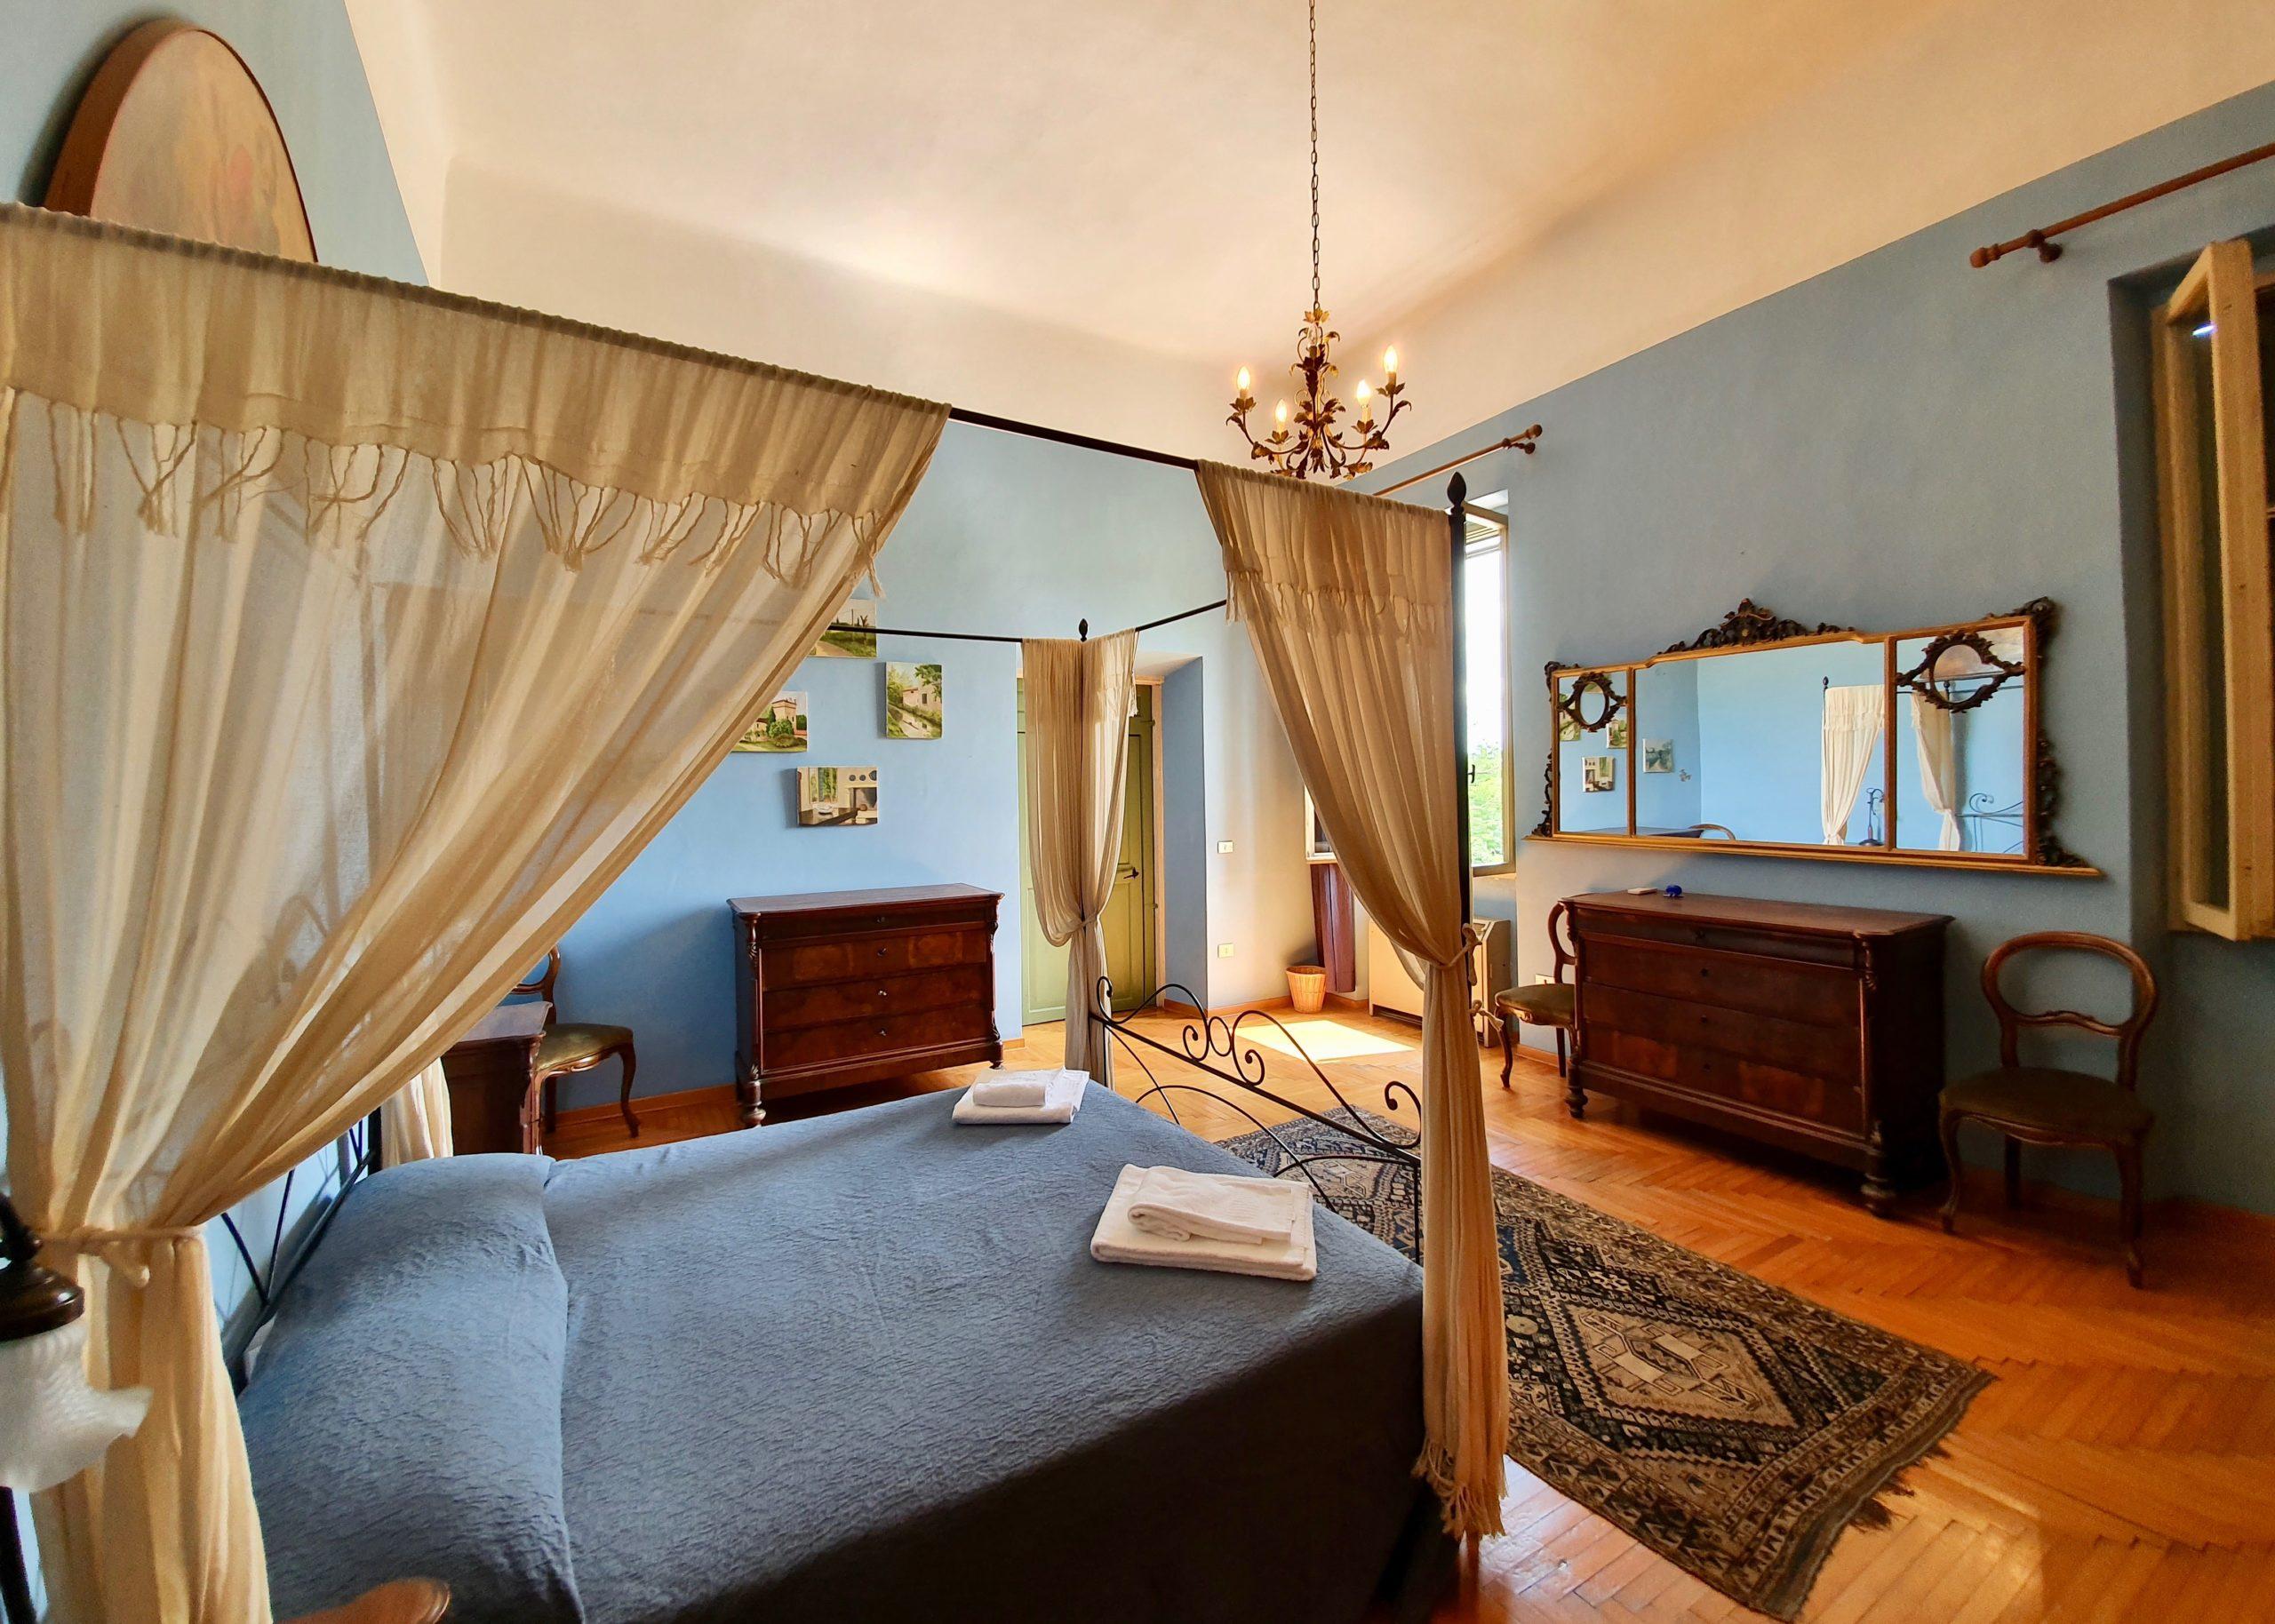 Camera azzurra di Villa Maffei Rizzardi